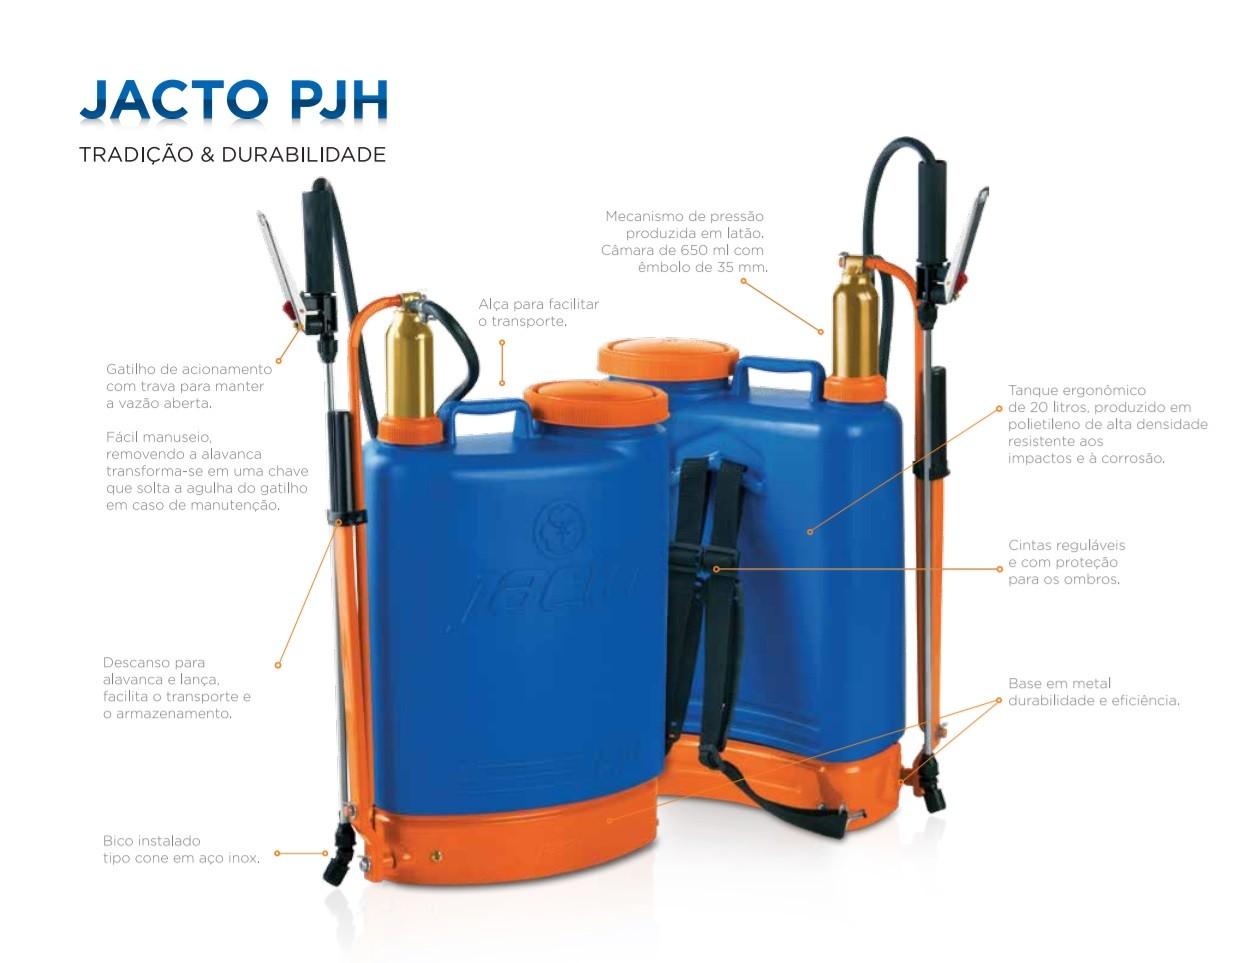 Pulverizador Costal Manual 20 Litros Jacto - PJH